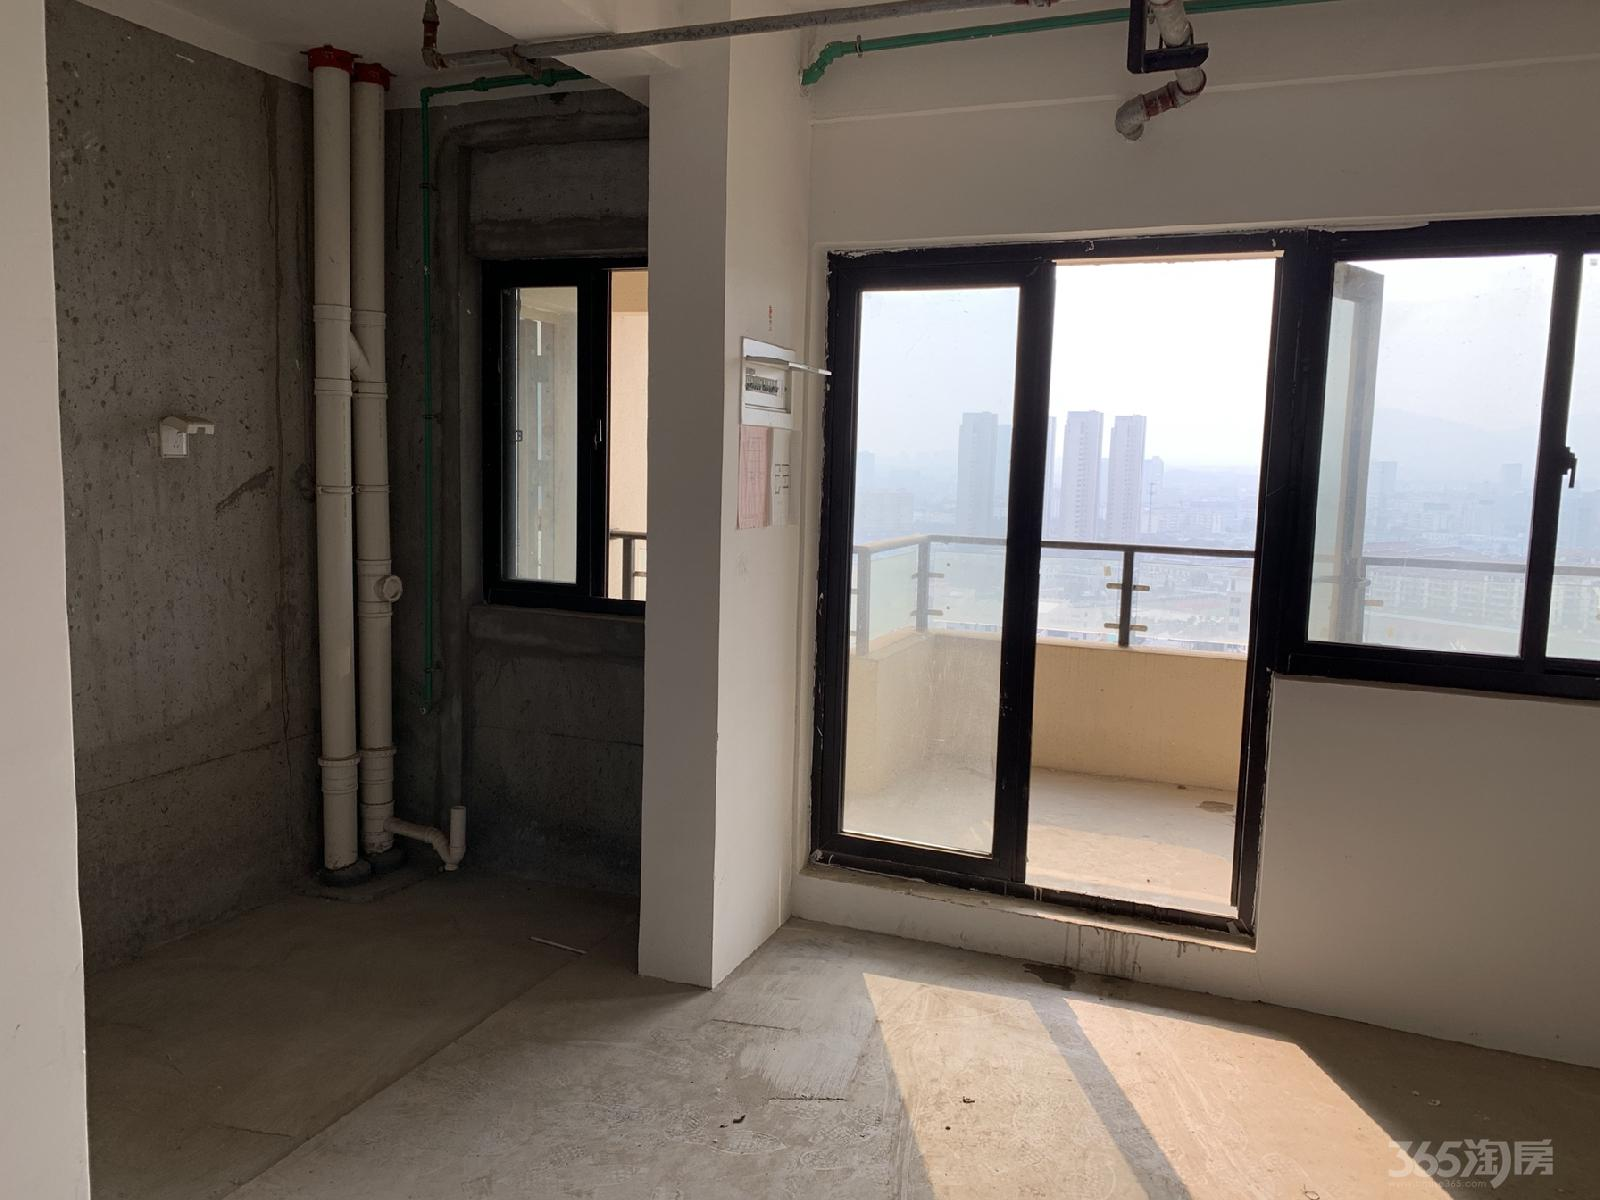 明发新城中心2室2厅1卫75.00㎡129万元